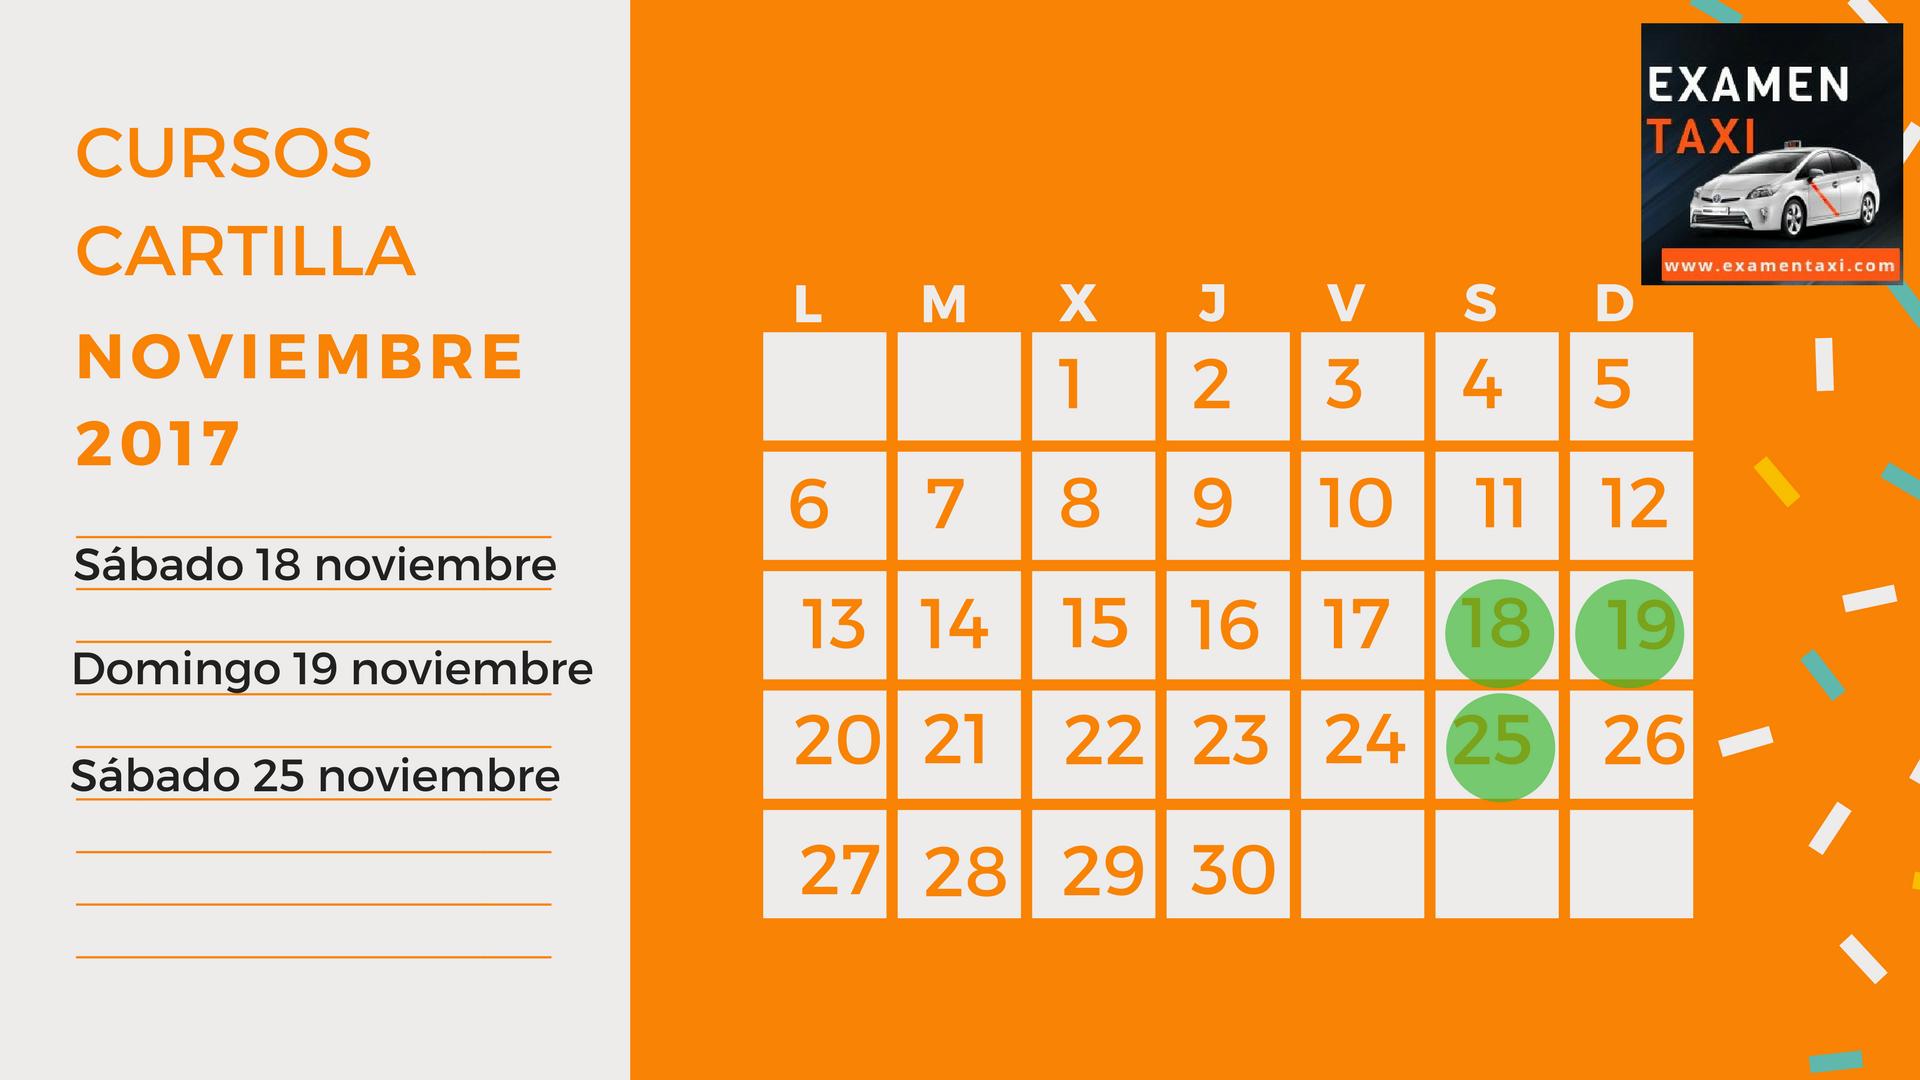 calendario cursos cartilla noviembre 2017